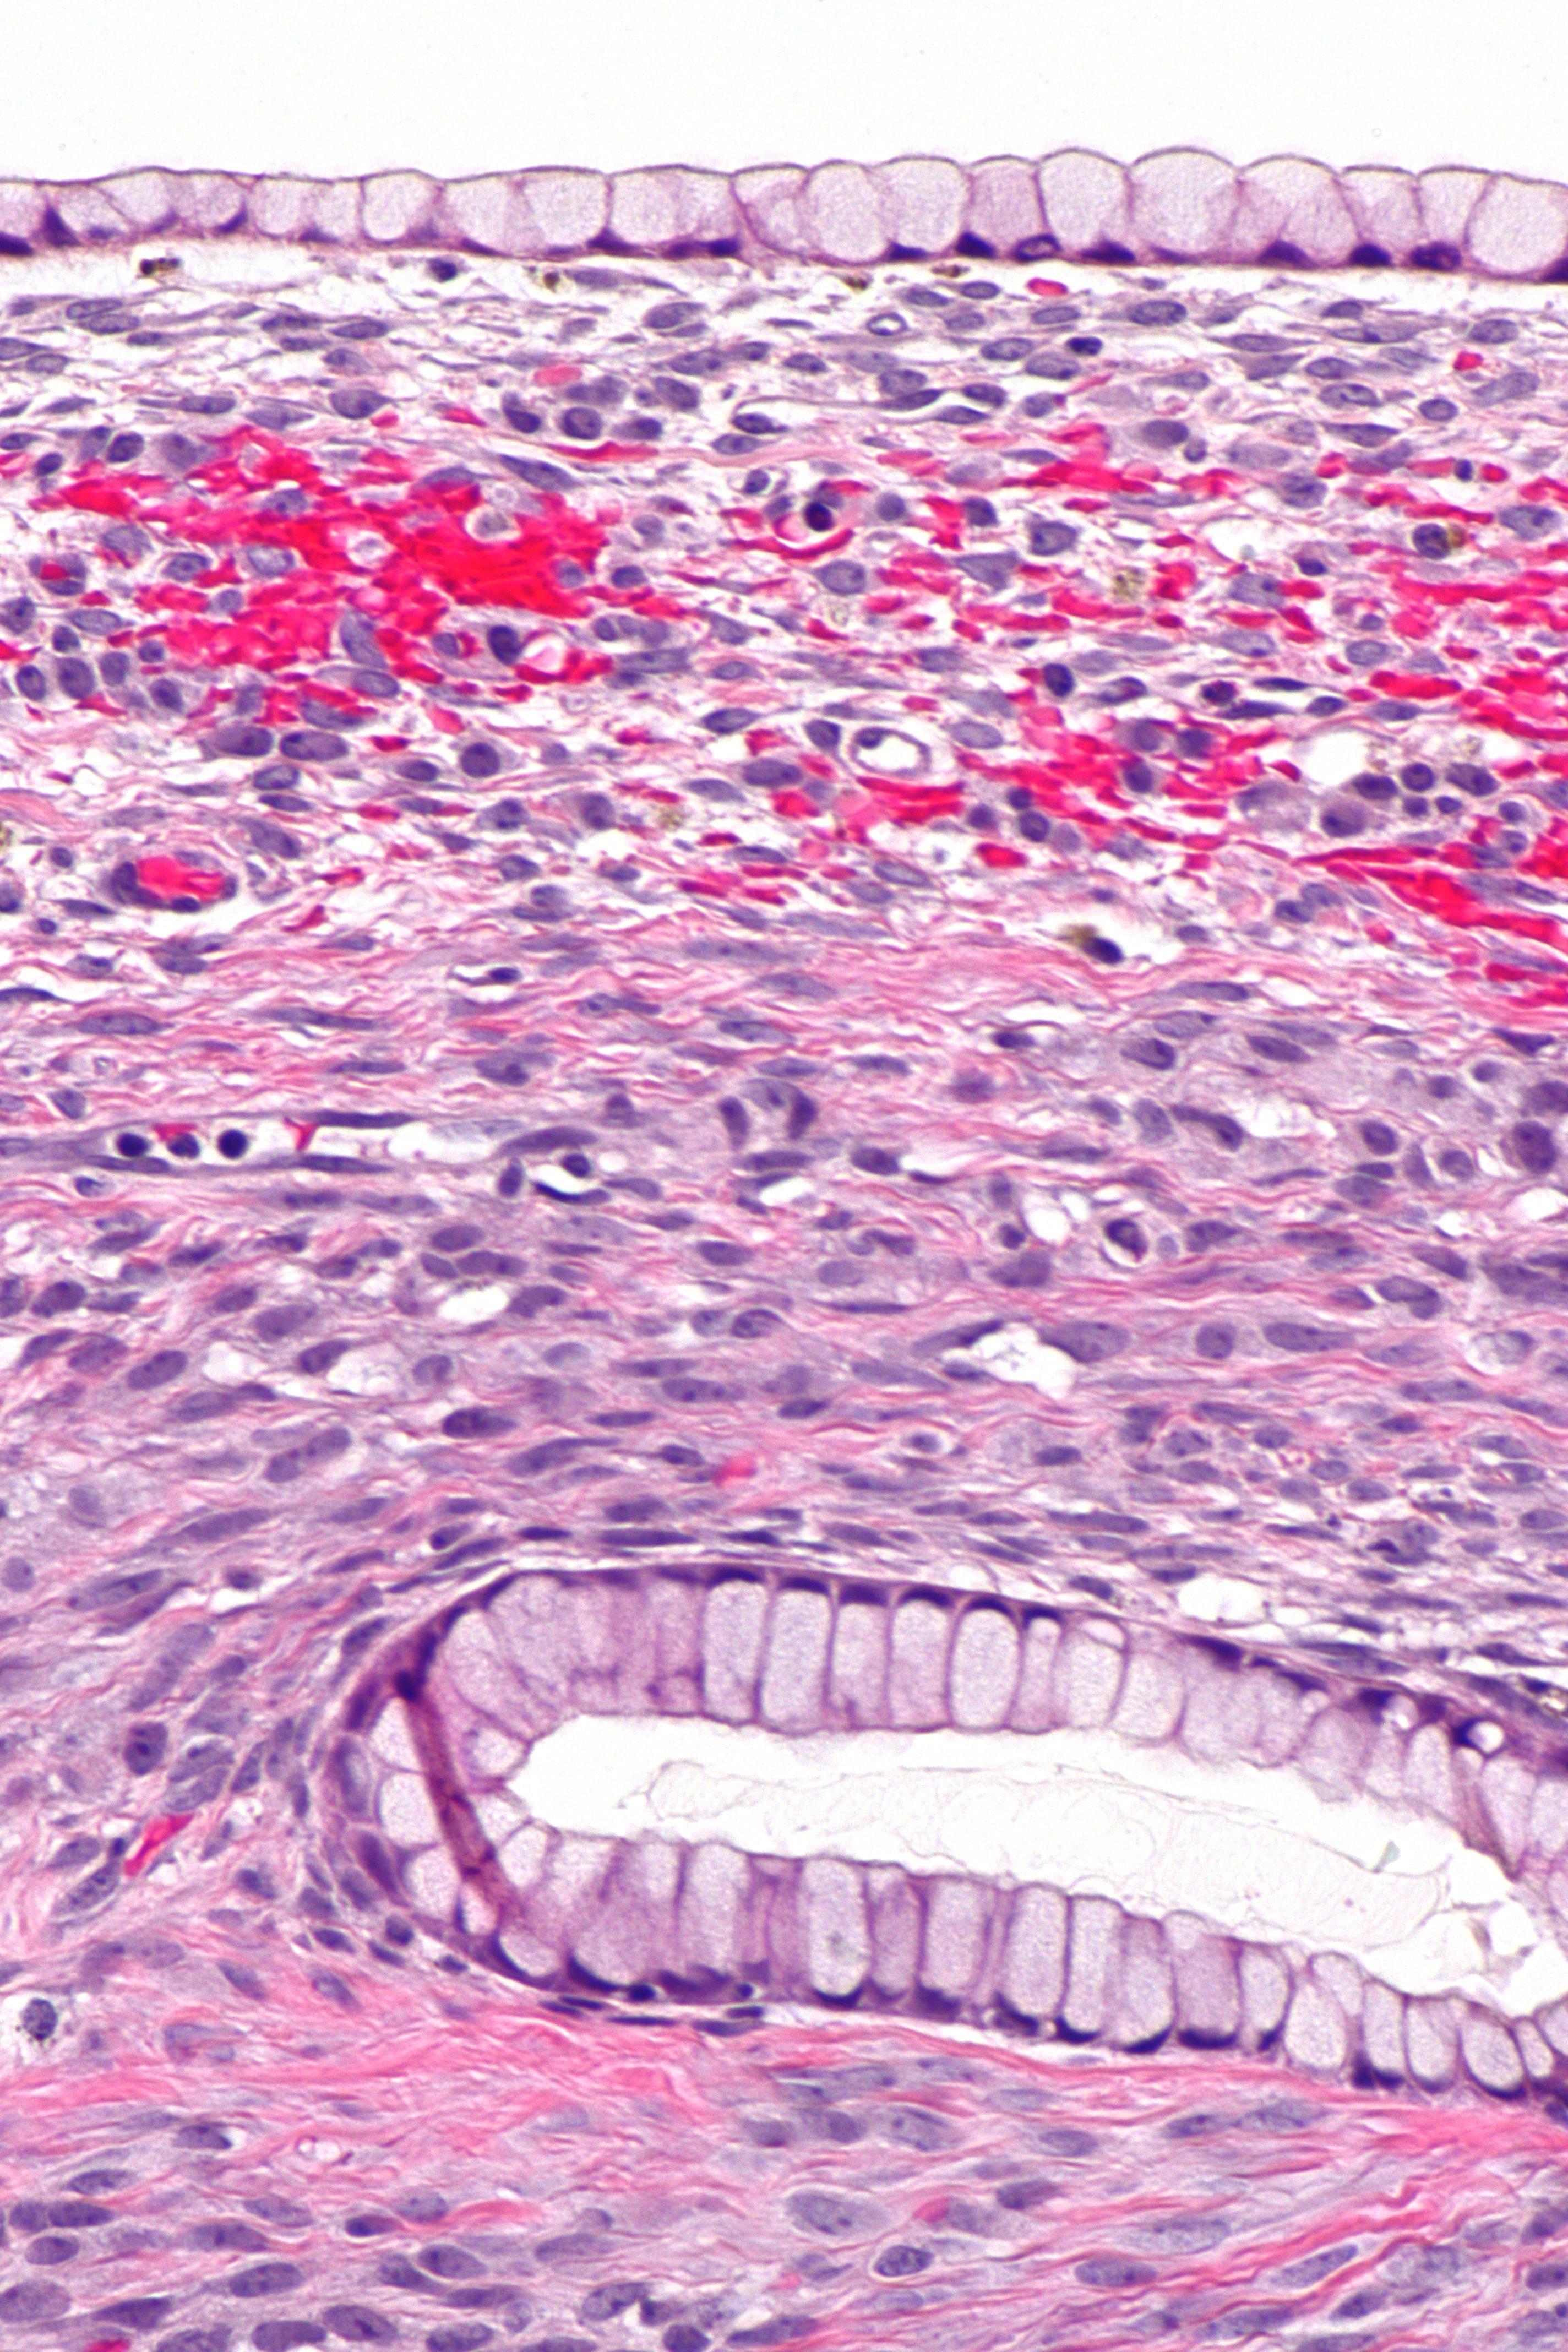 ovarian cancer znaczenie